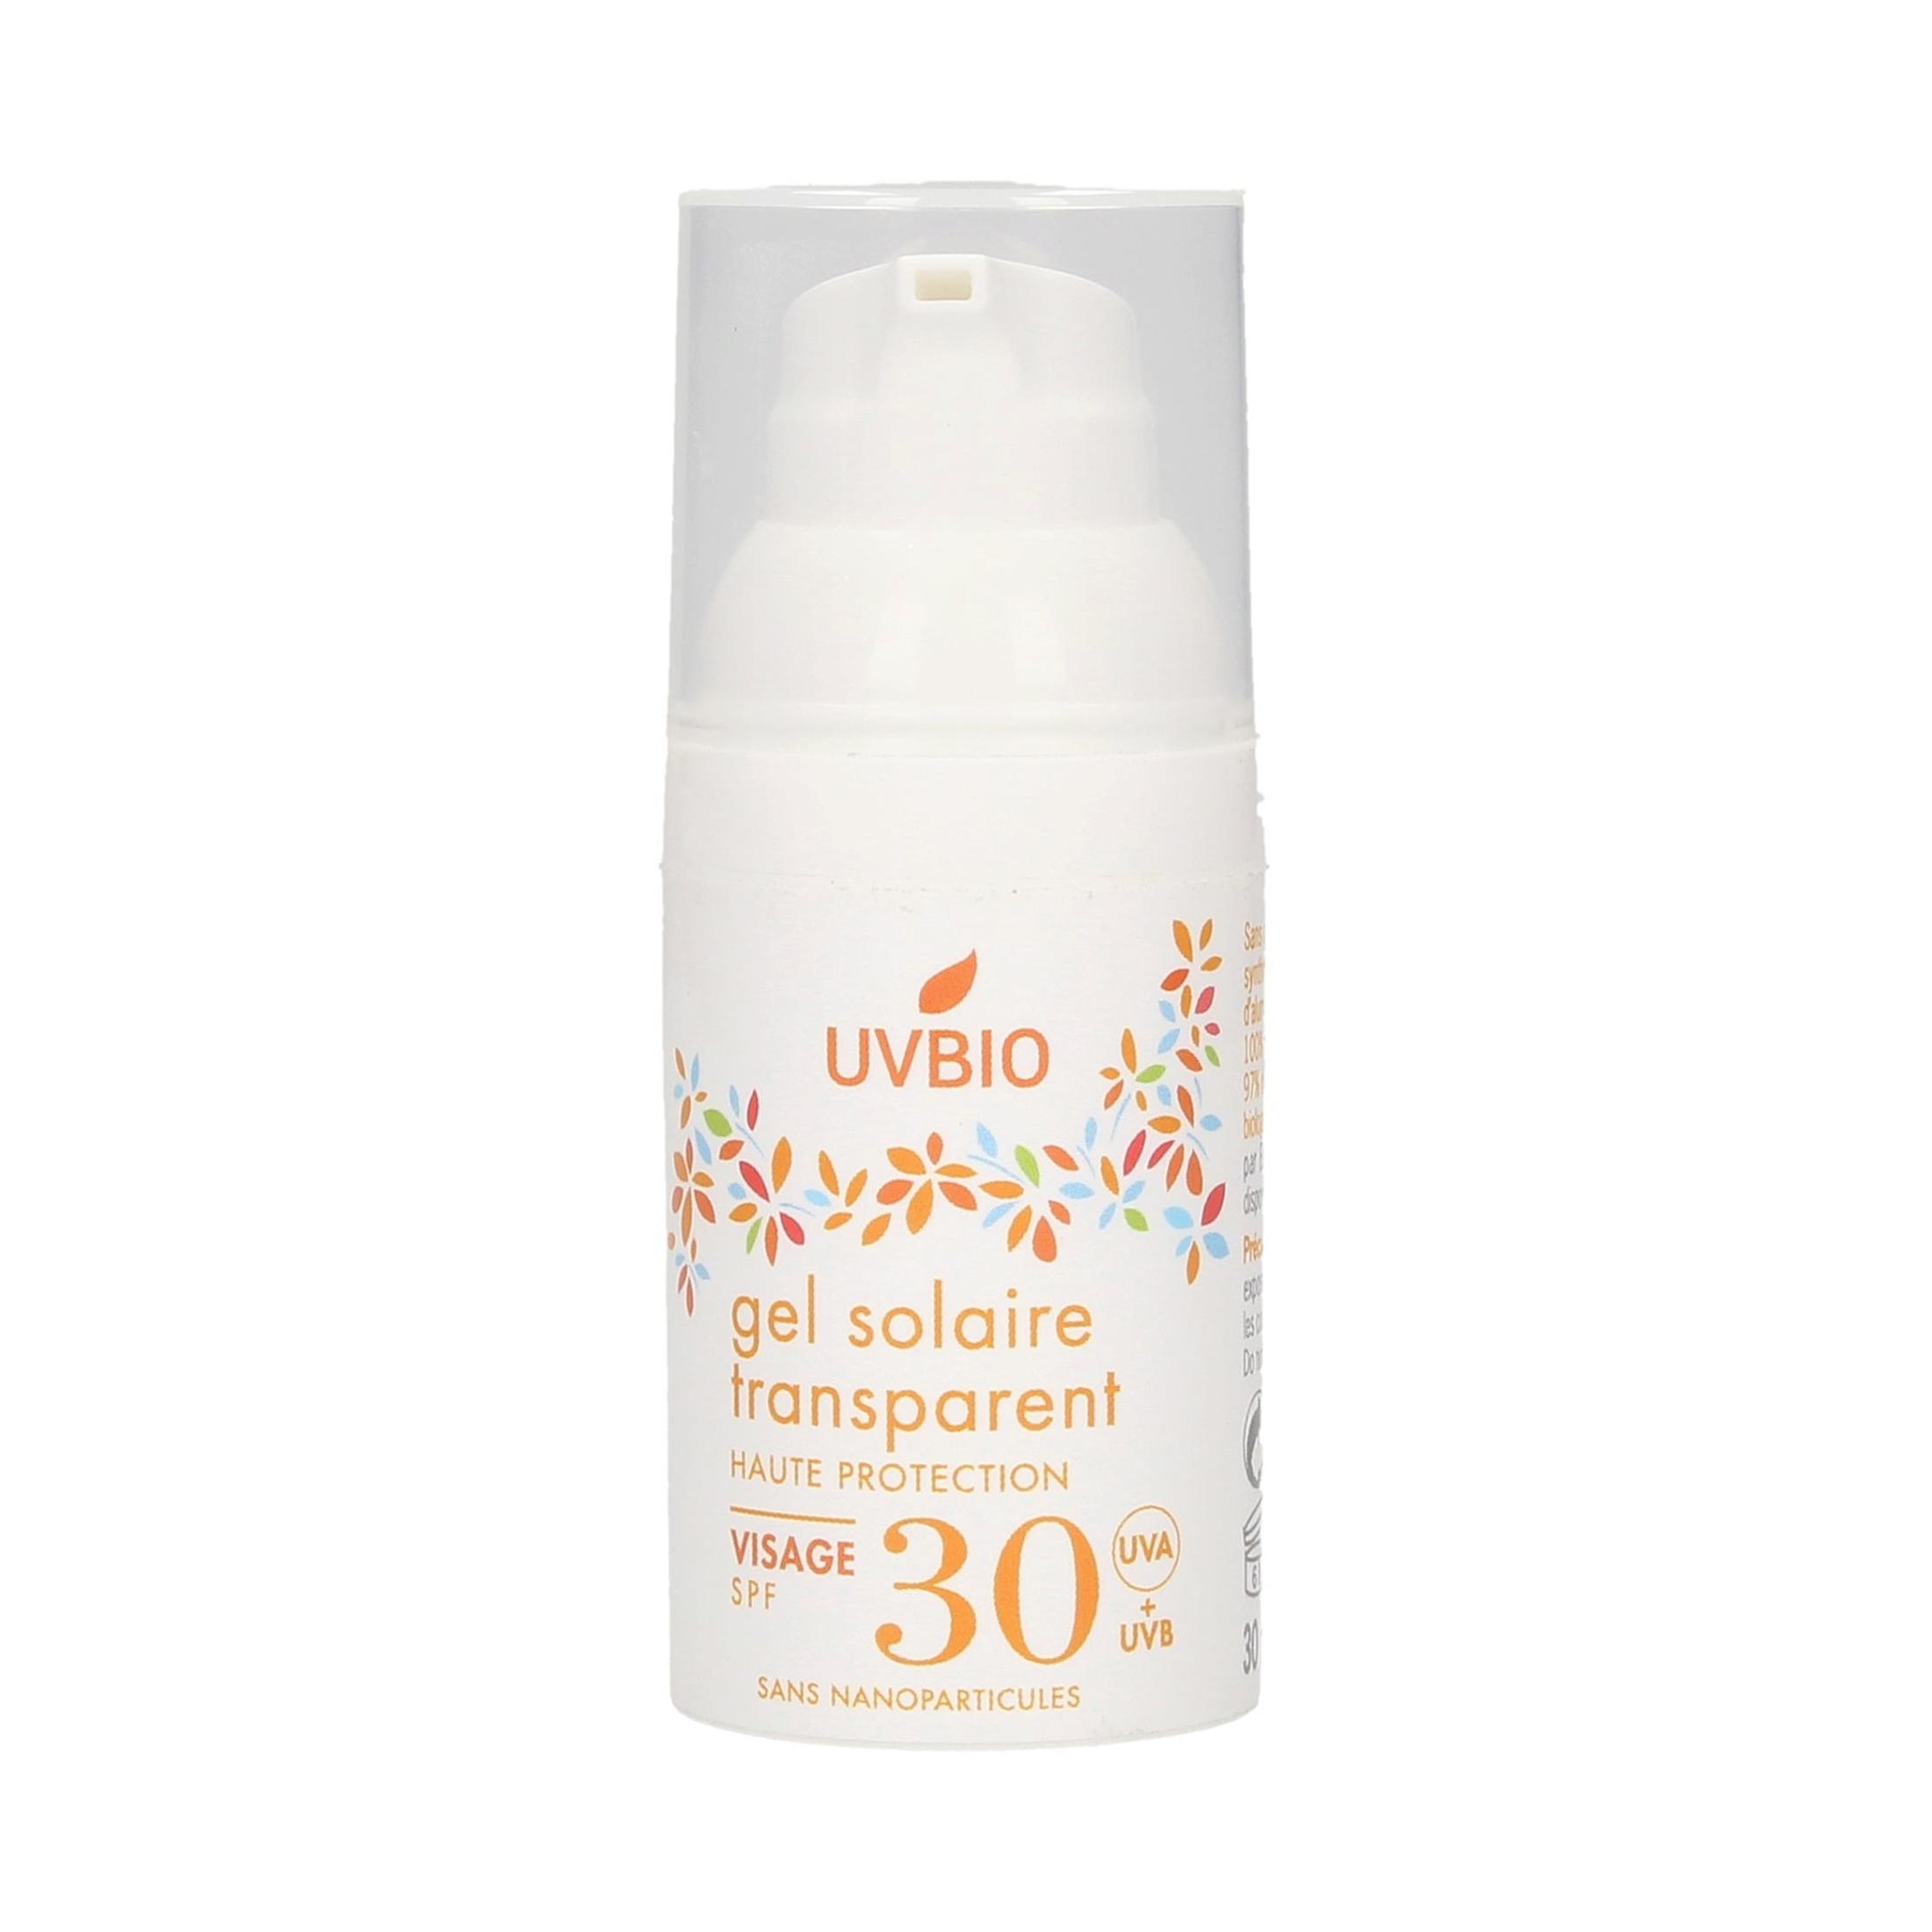 UVBIO - Gel solaire SPF 30 transparent visage